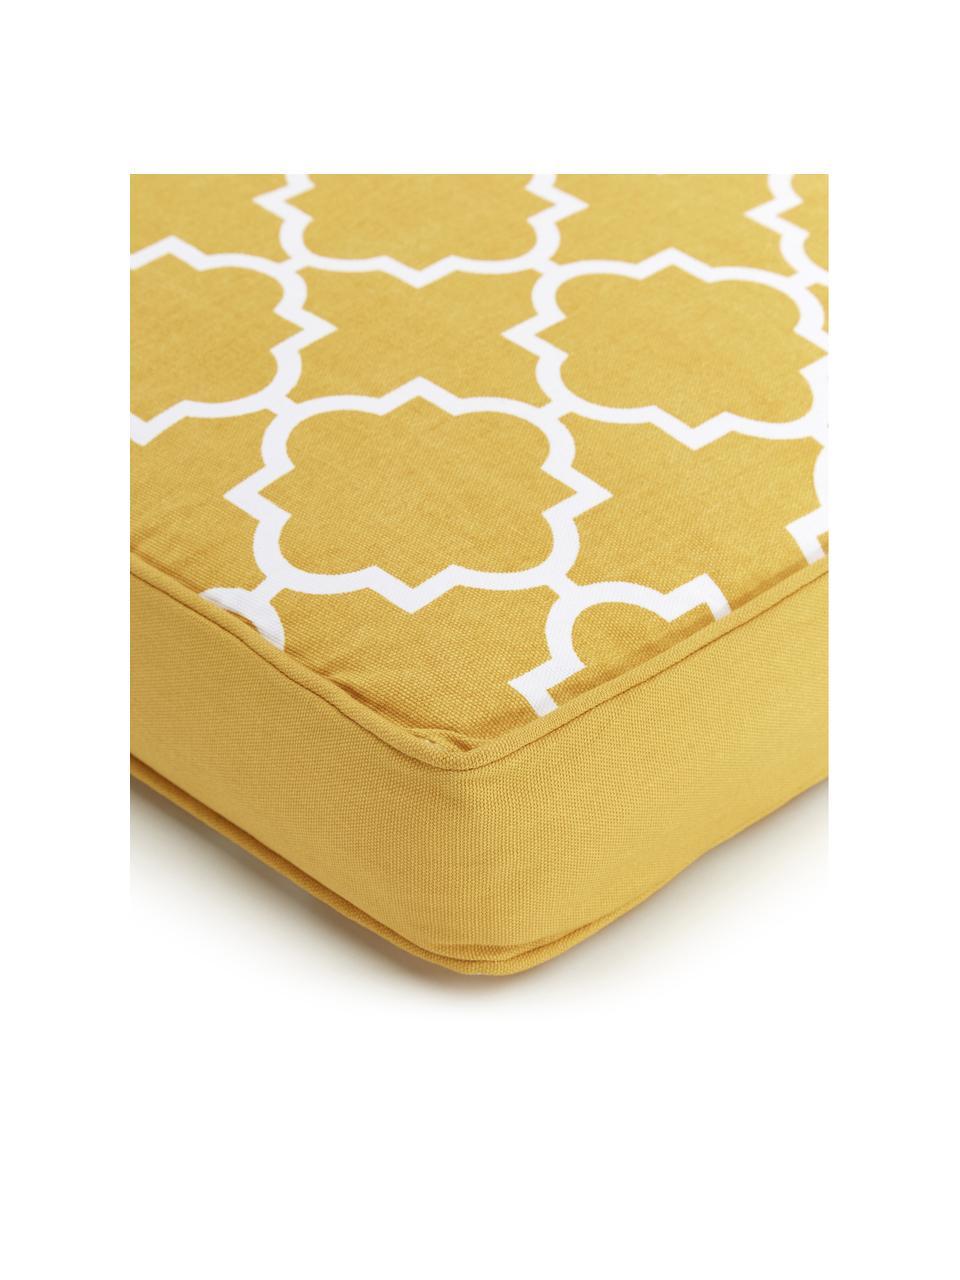 Hohes Sitzkissen Lana in Gelb/Weiß, Bezug: 100% Baumwolle, Gelb, 40 x 40 cm